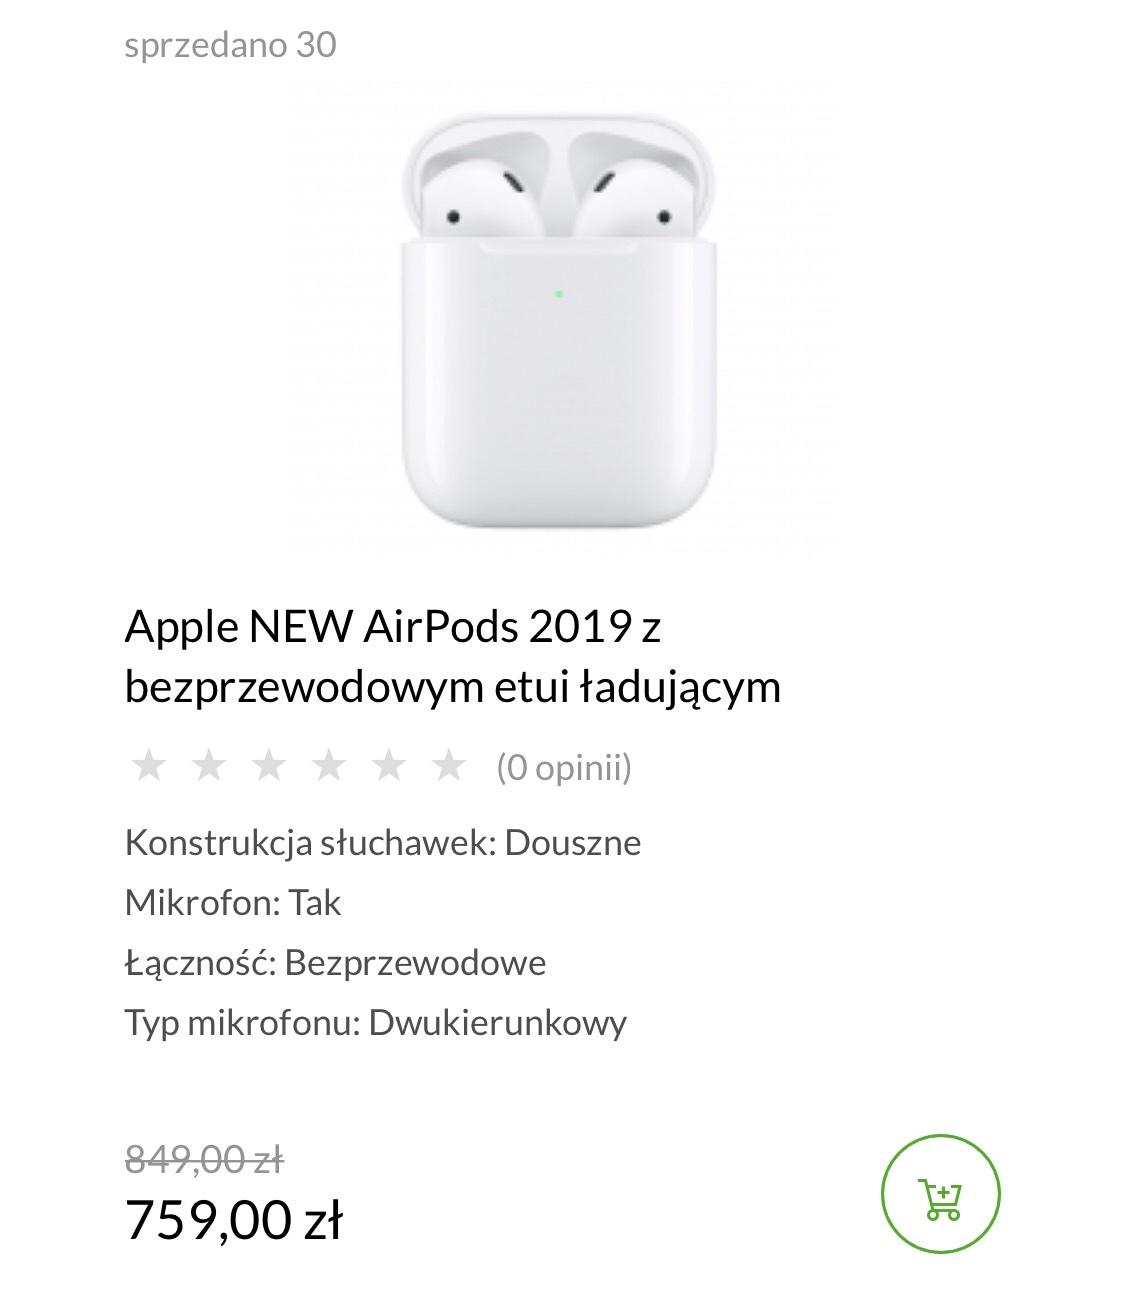 Słuchawki Apple AirPods z bezprzewodowym etui ładującym